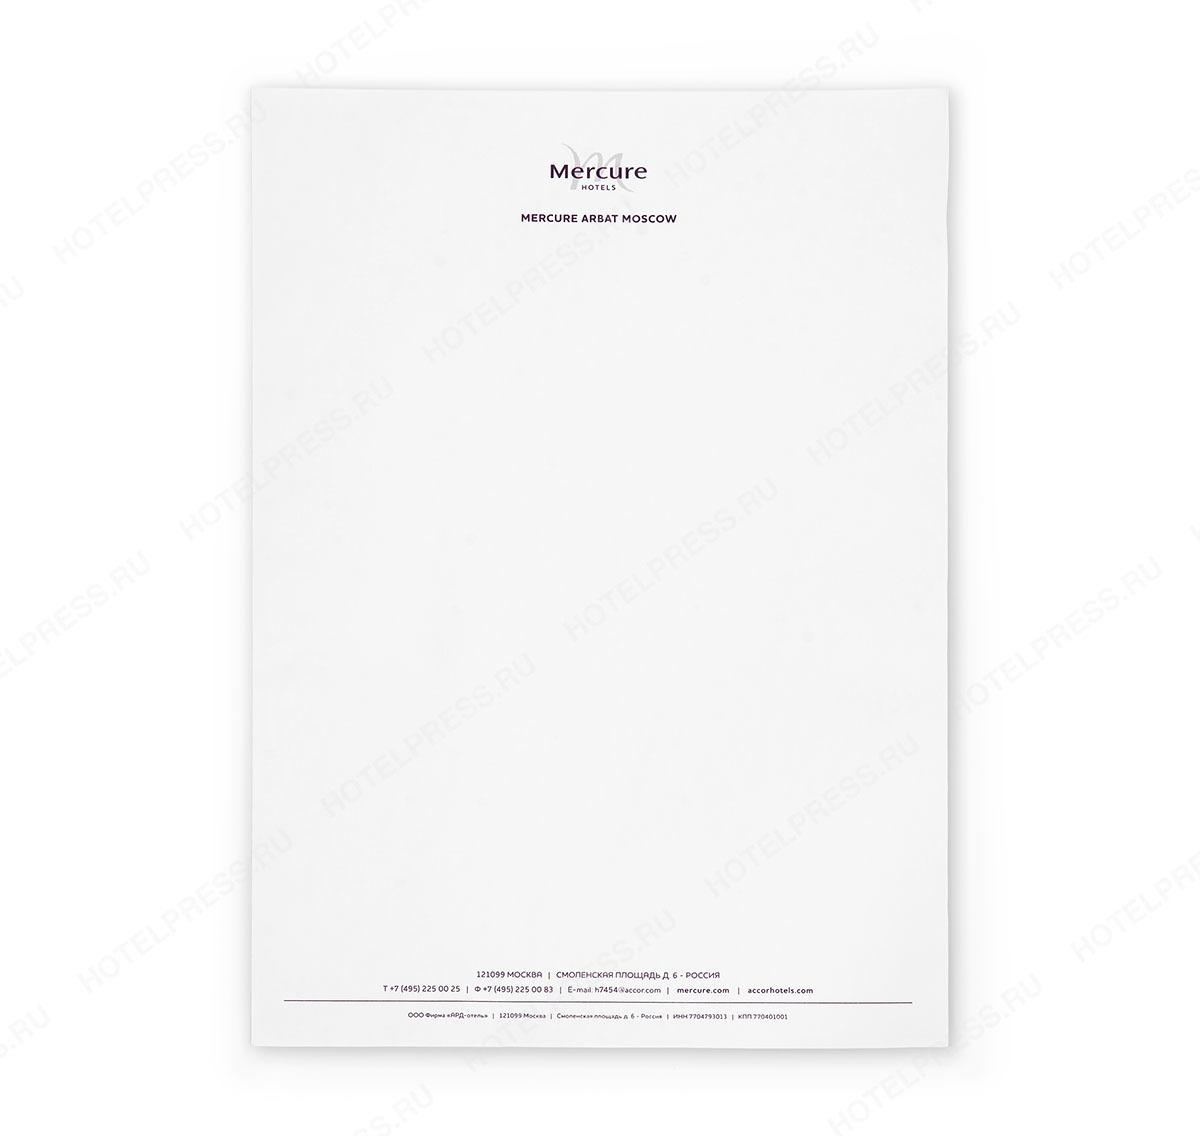 Фирменный бланк Mercure формата А4